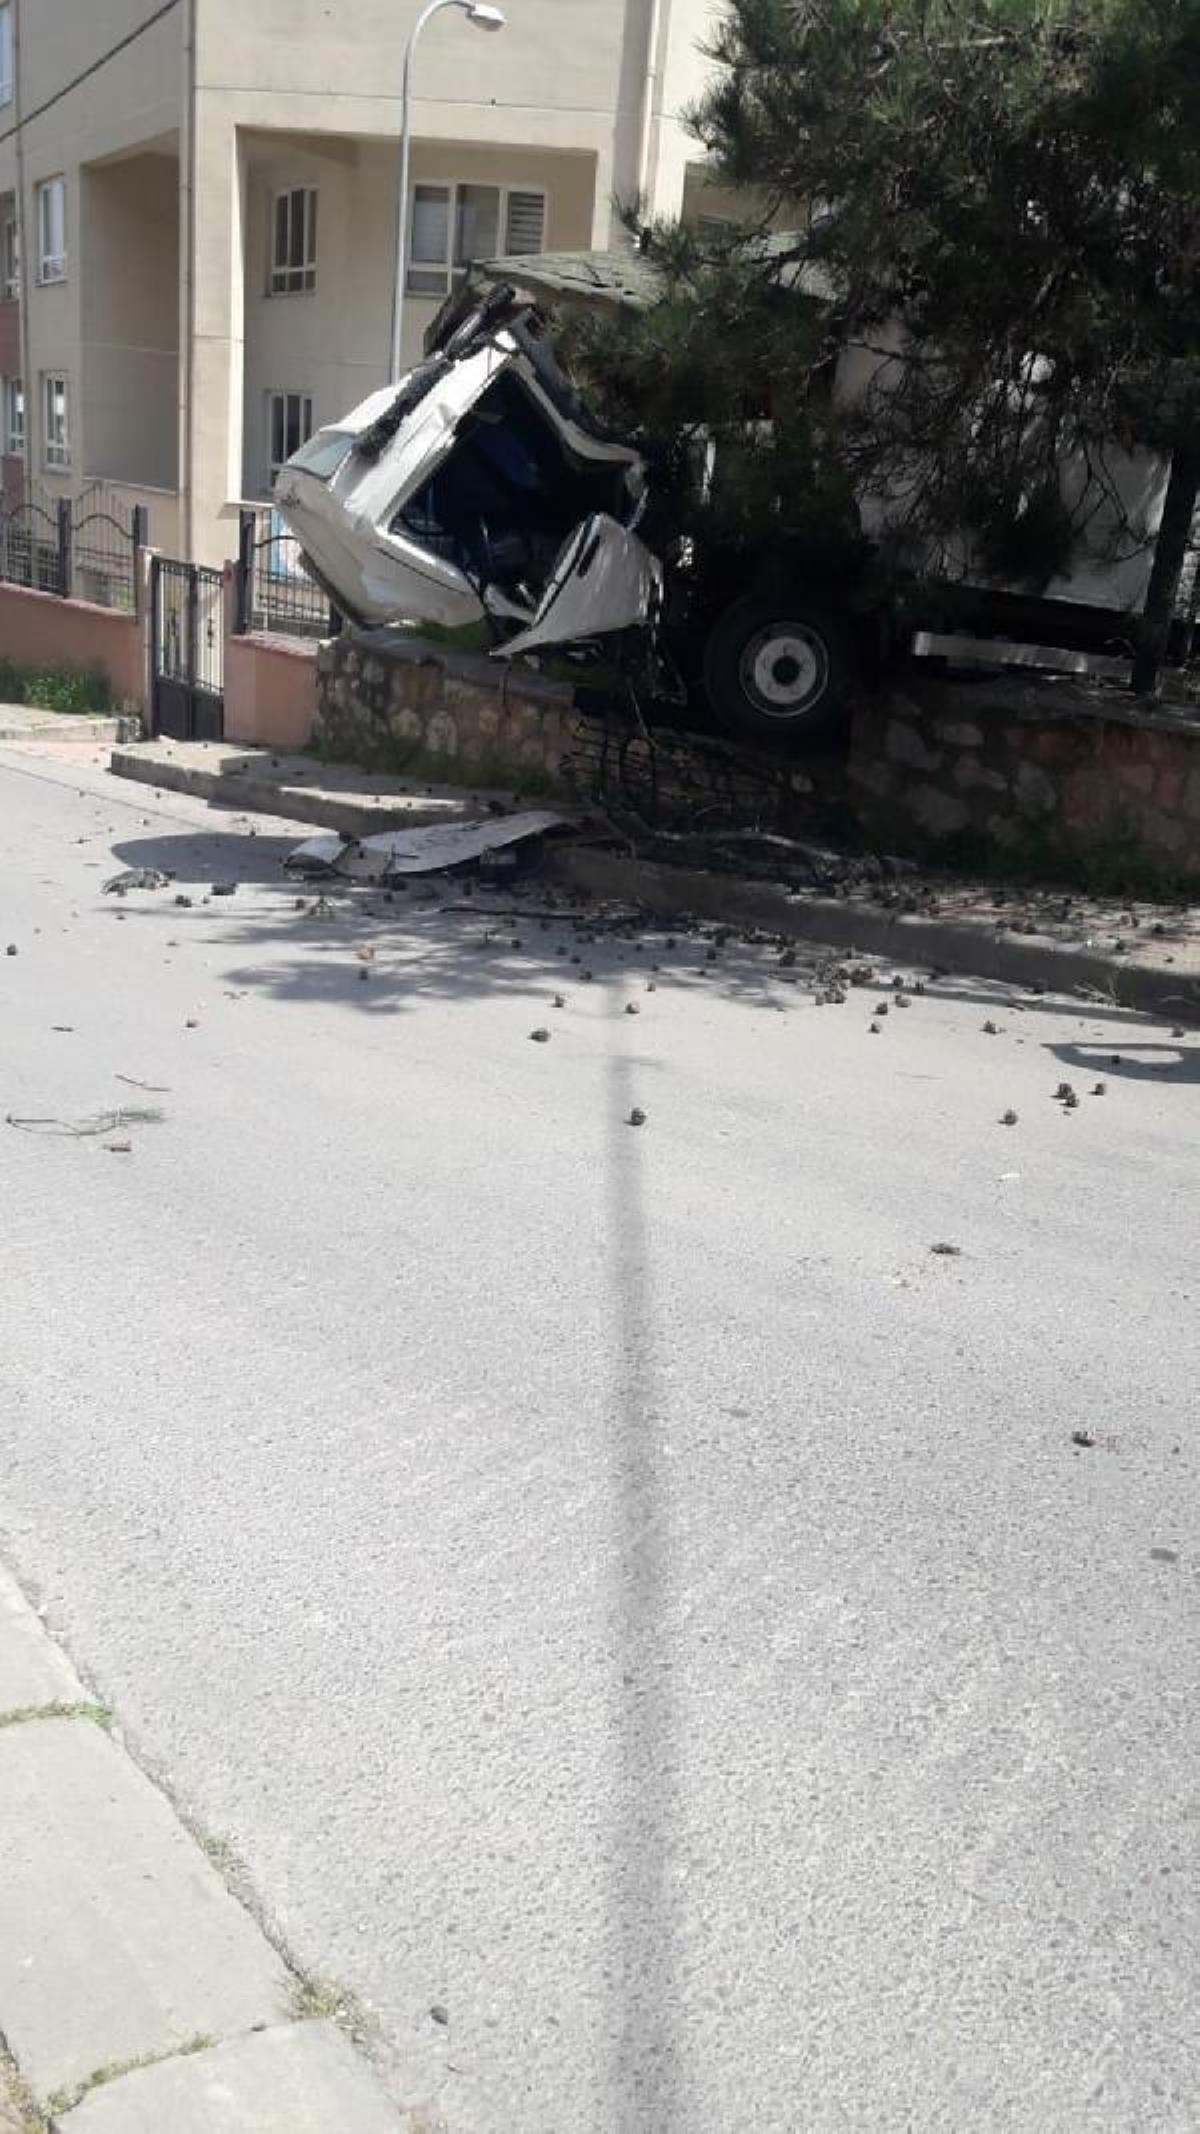 Çevredekiler canını zor kurtardı, Maltepe'de kontrolden çıkan kamyonet korku dolu anlar yaşattı